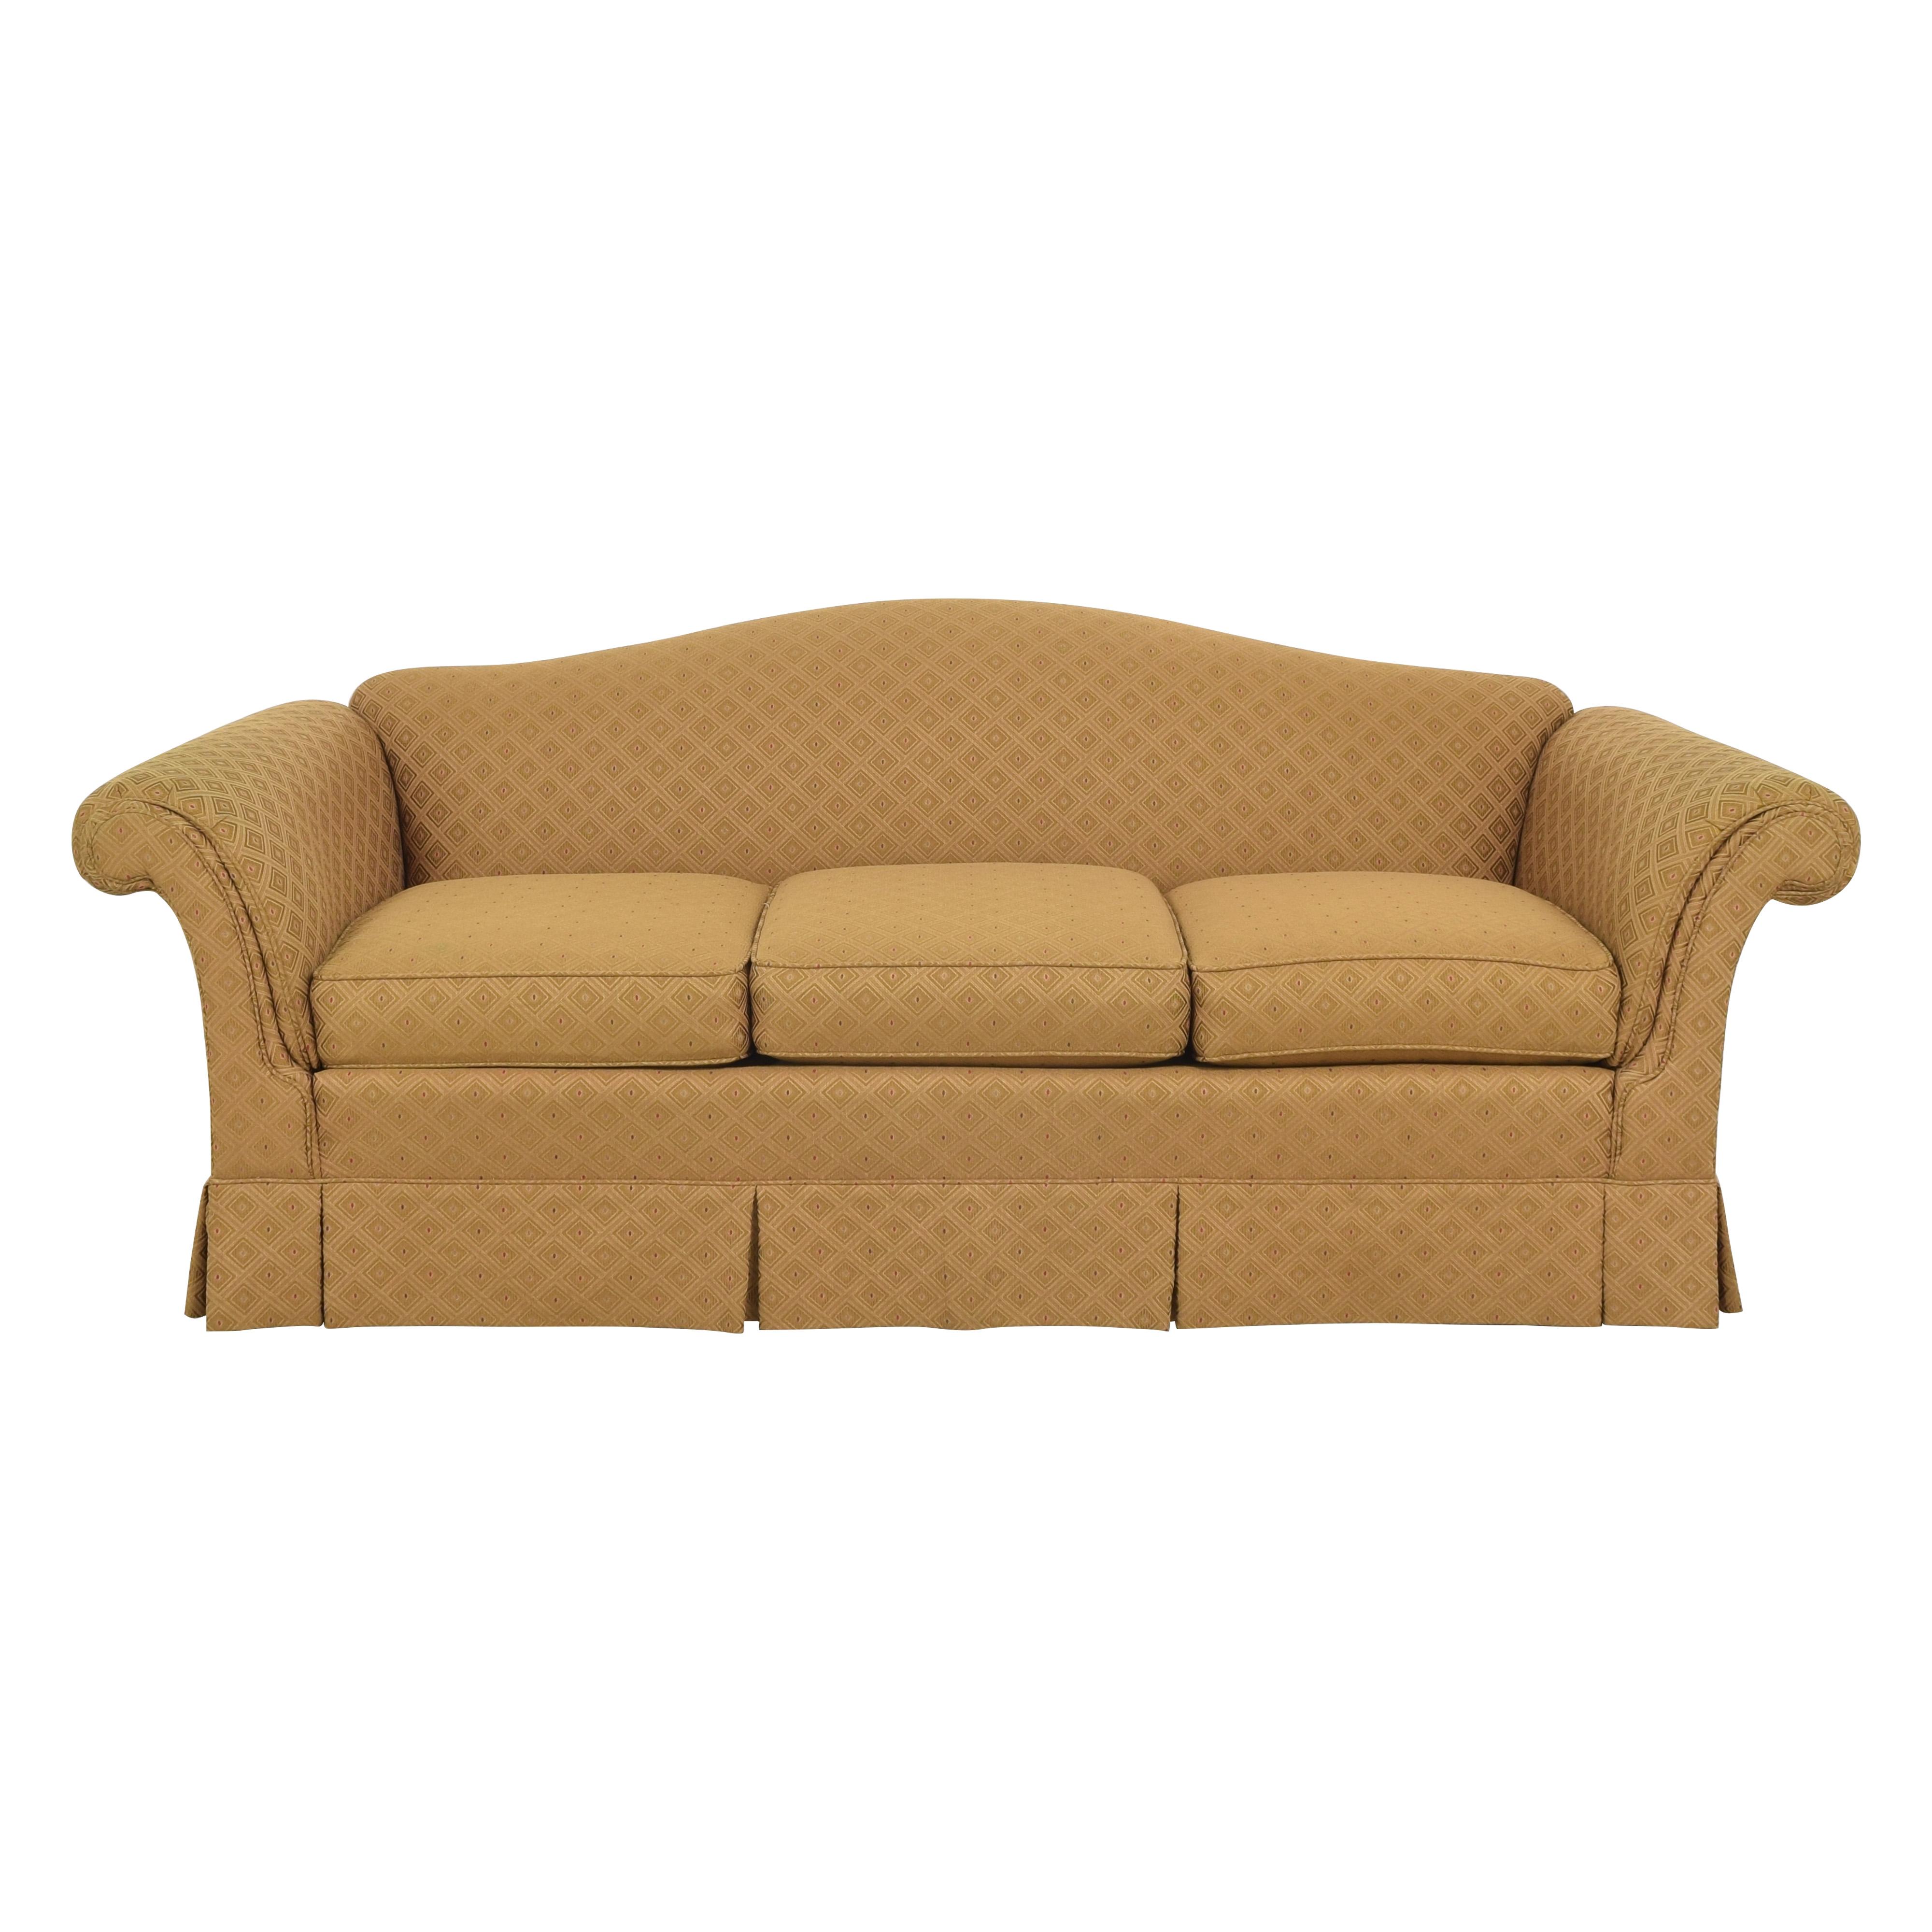 Caiati Caiati Skirted Camelback Sofa